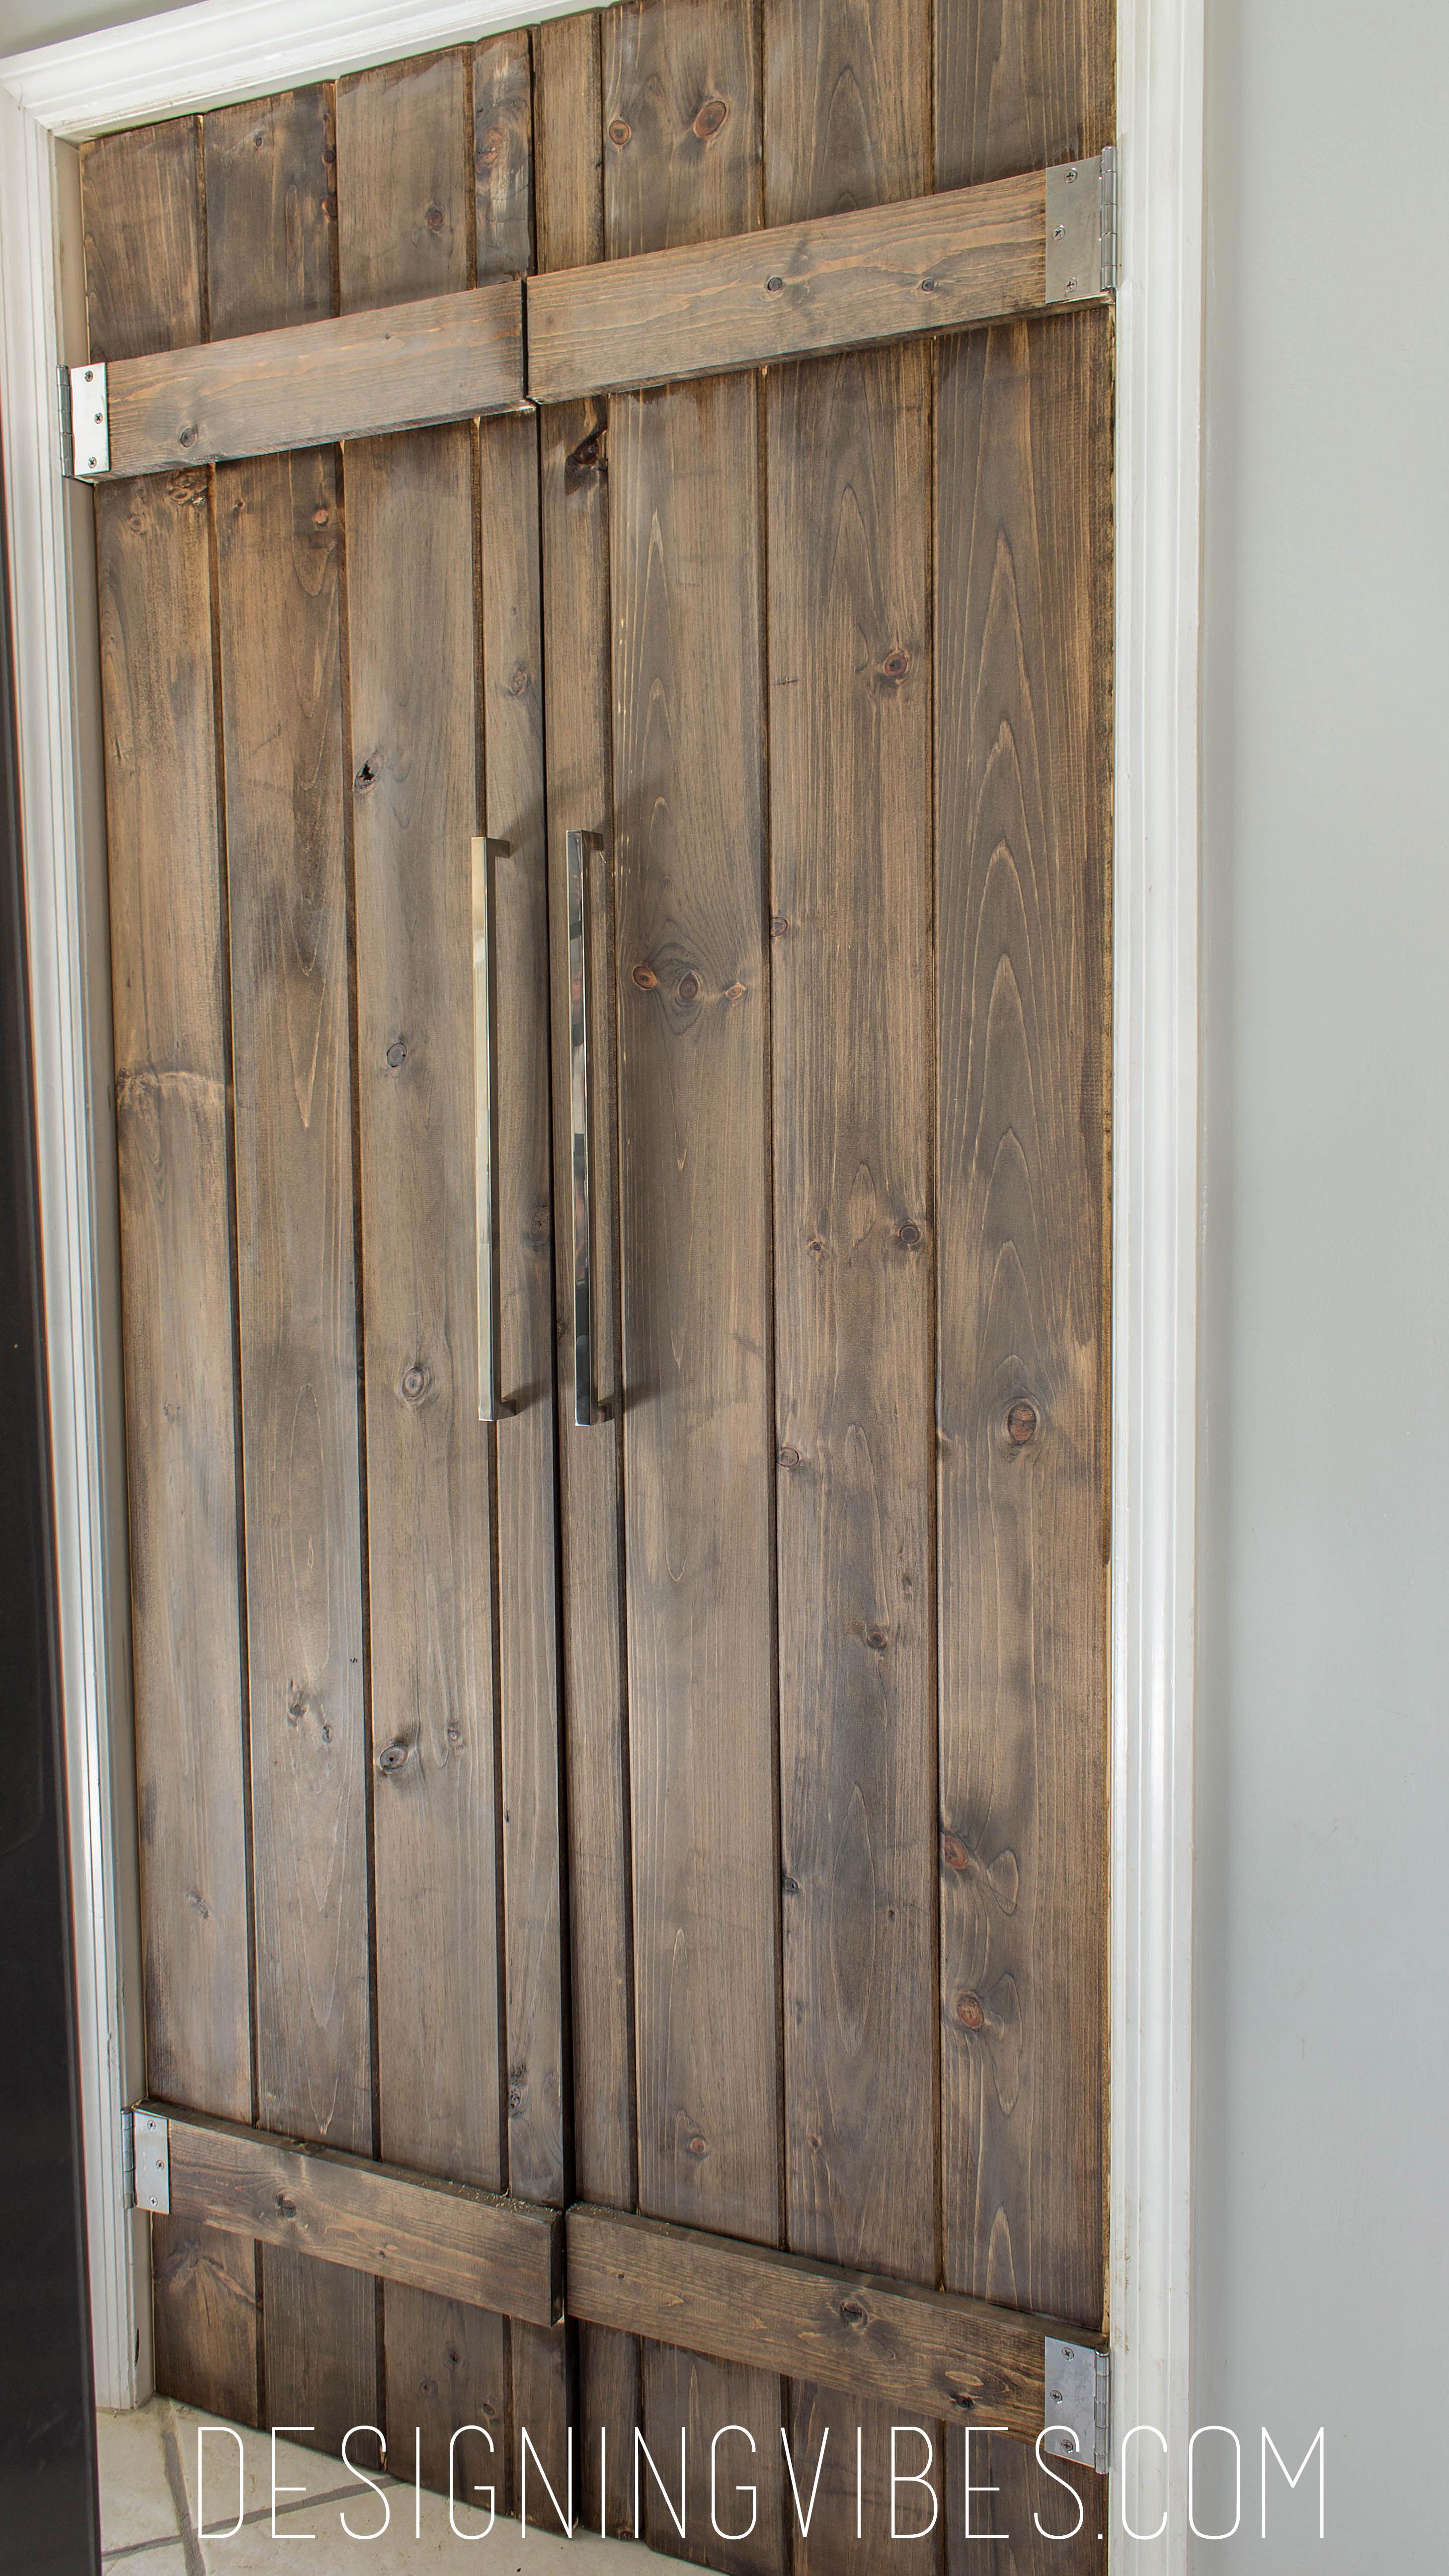 Double Pantry Barn Door DIY